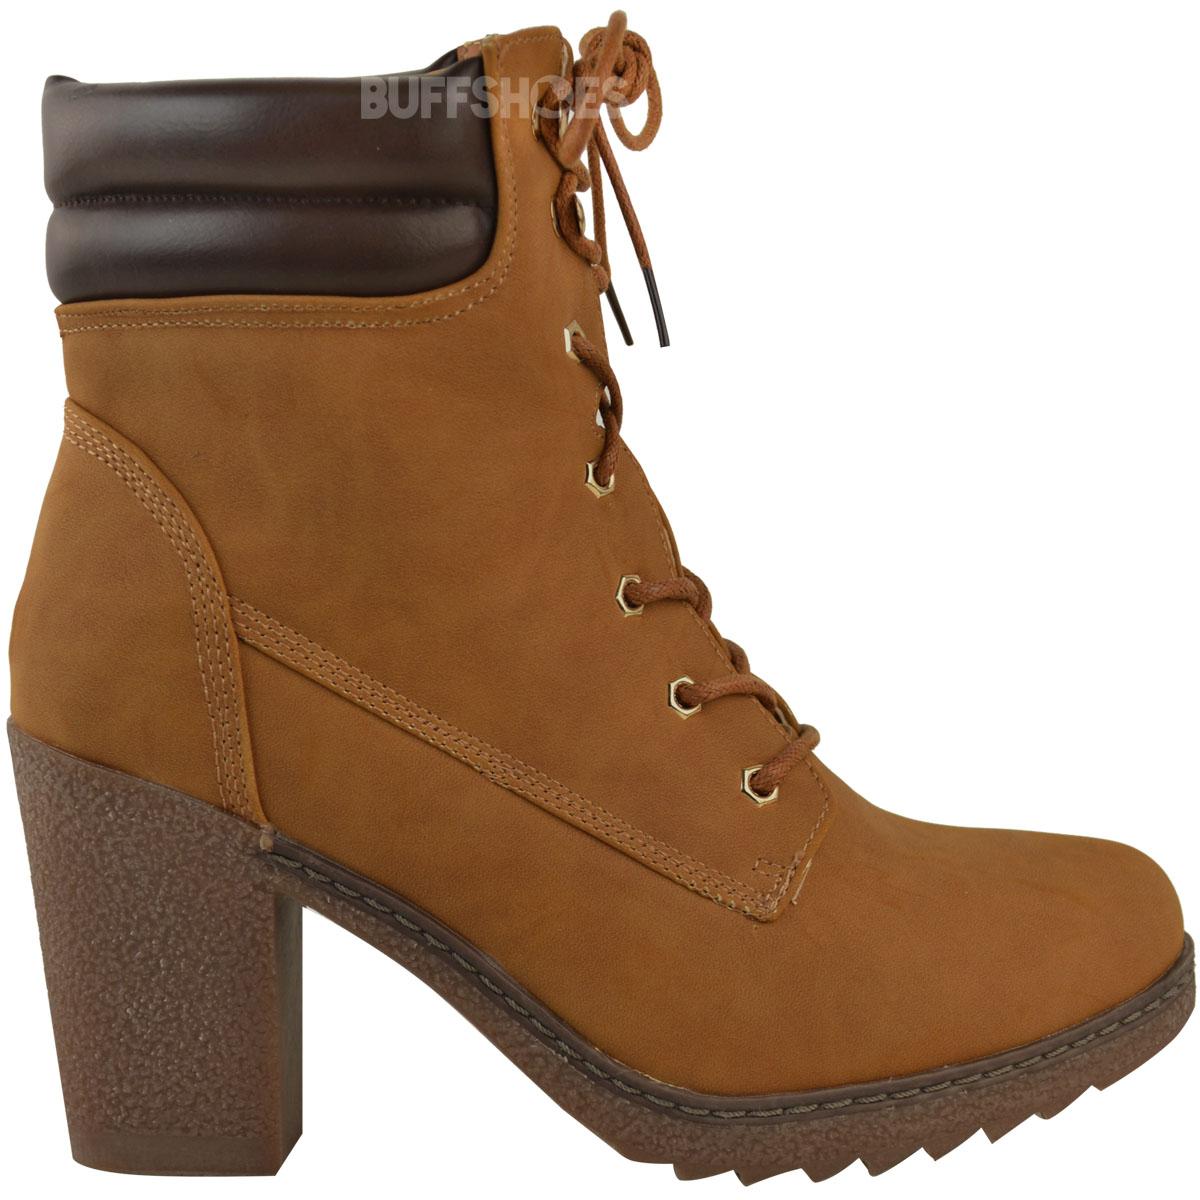 Womens-Ladies-Winter-Walking-Boots-Fleece-Warm-Lining-Cosy-Low-Block-Heel-Size Indexbild 9